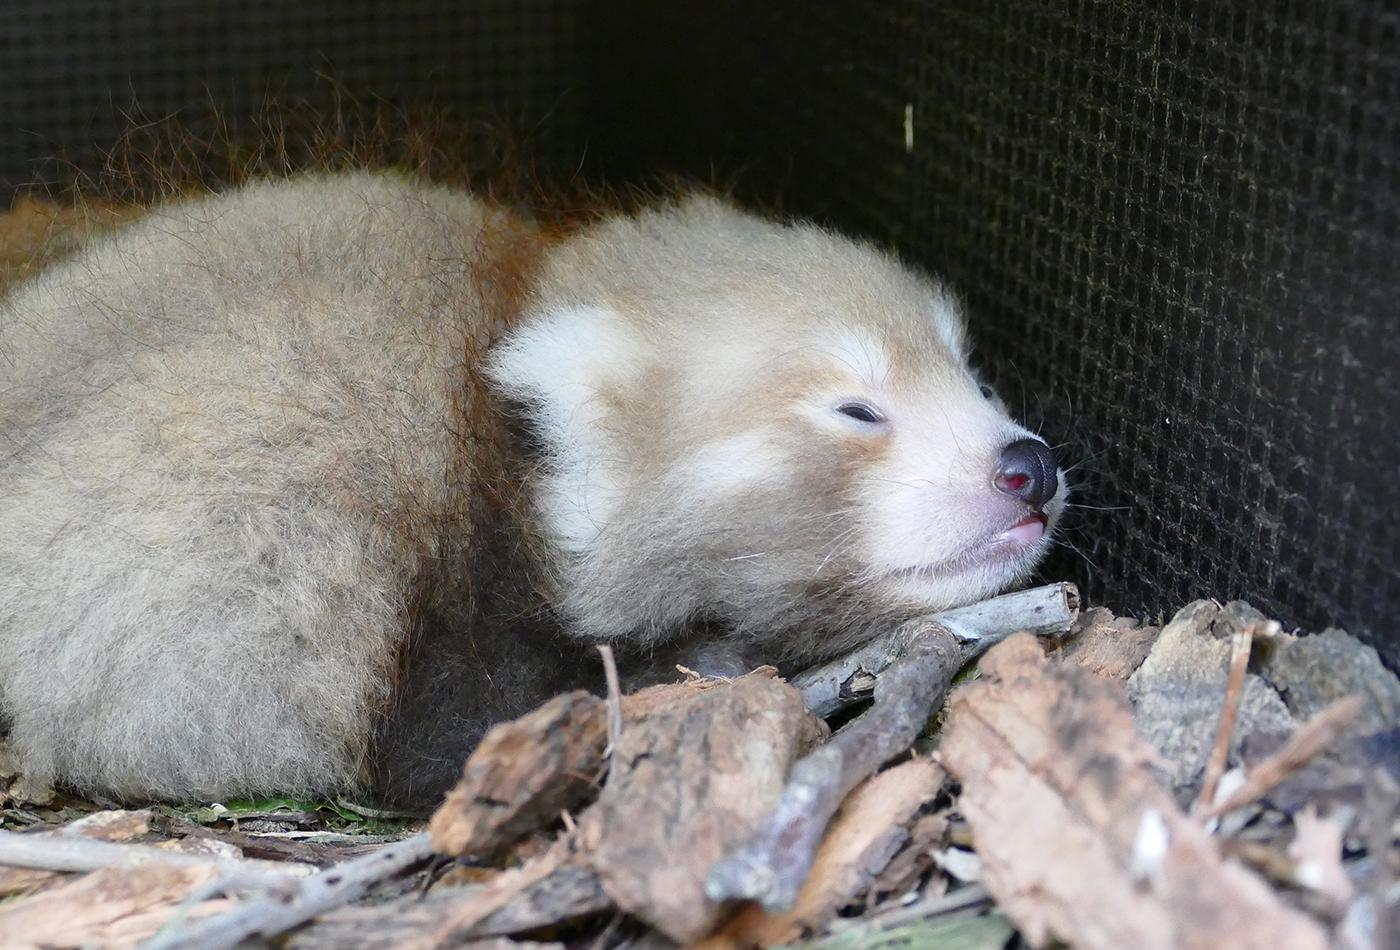 Foto: Nachwuchs bei den Roten Pandas: Wie alle jungen Roten Pandas schläft auch das Heidelberger Jungtier sehr viel. (Foto: Petra Medan/Zoo Heidelberg)